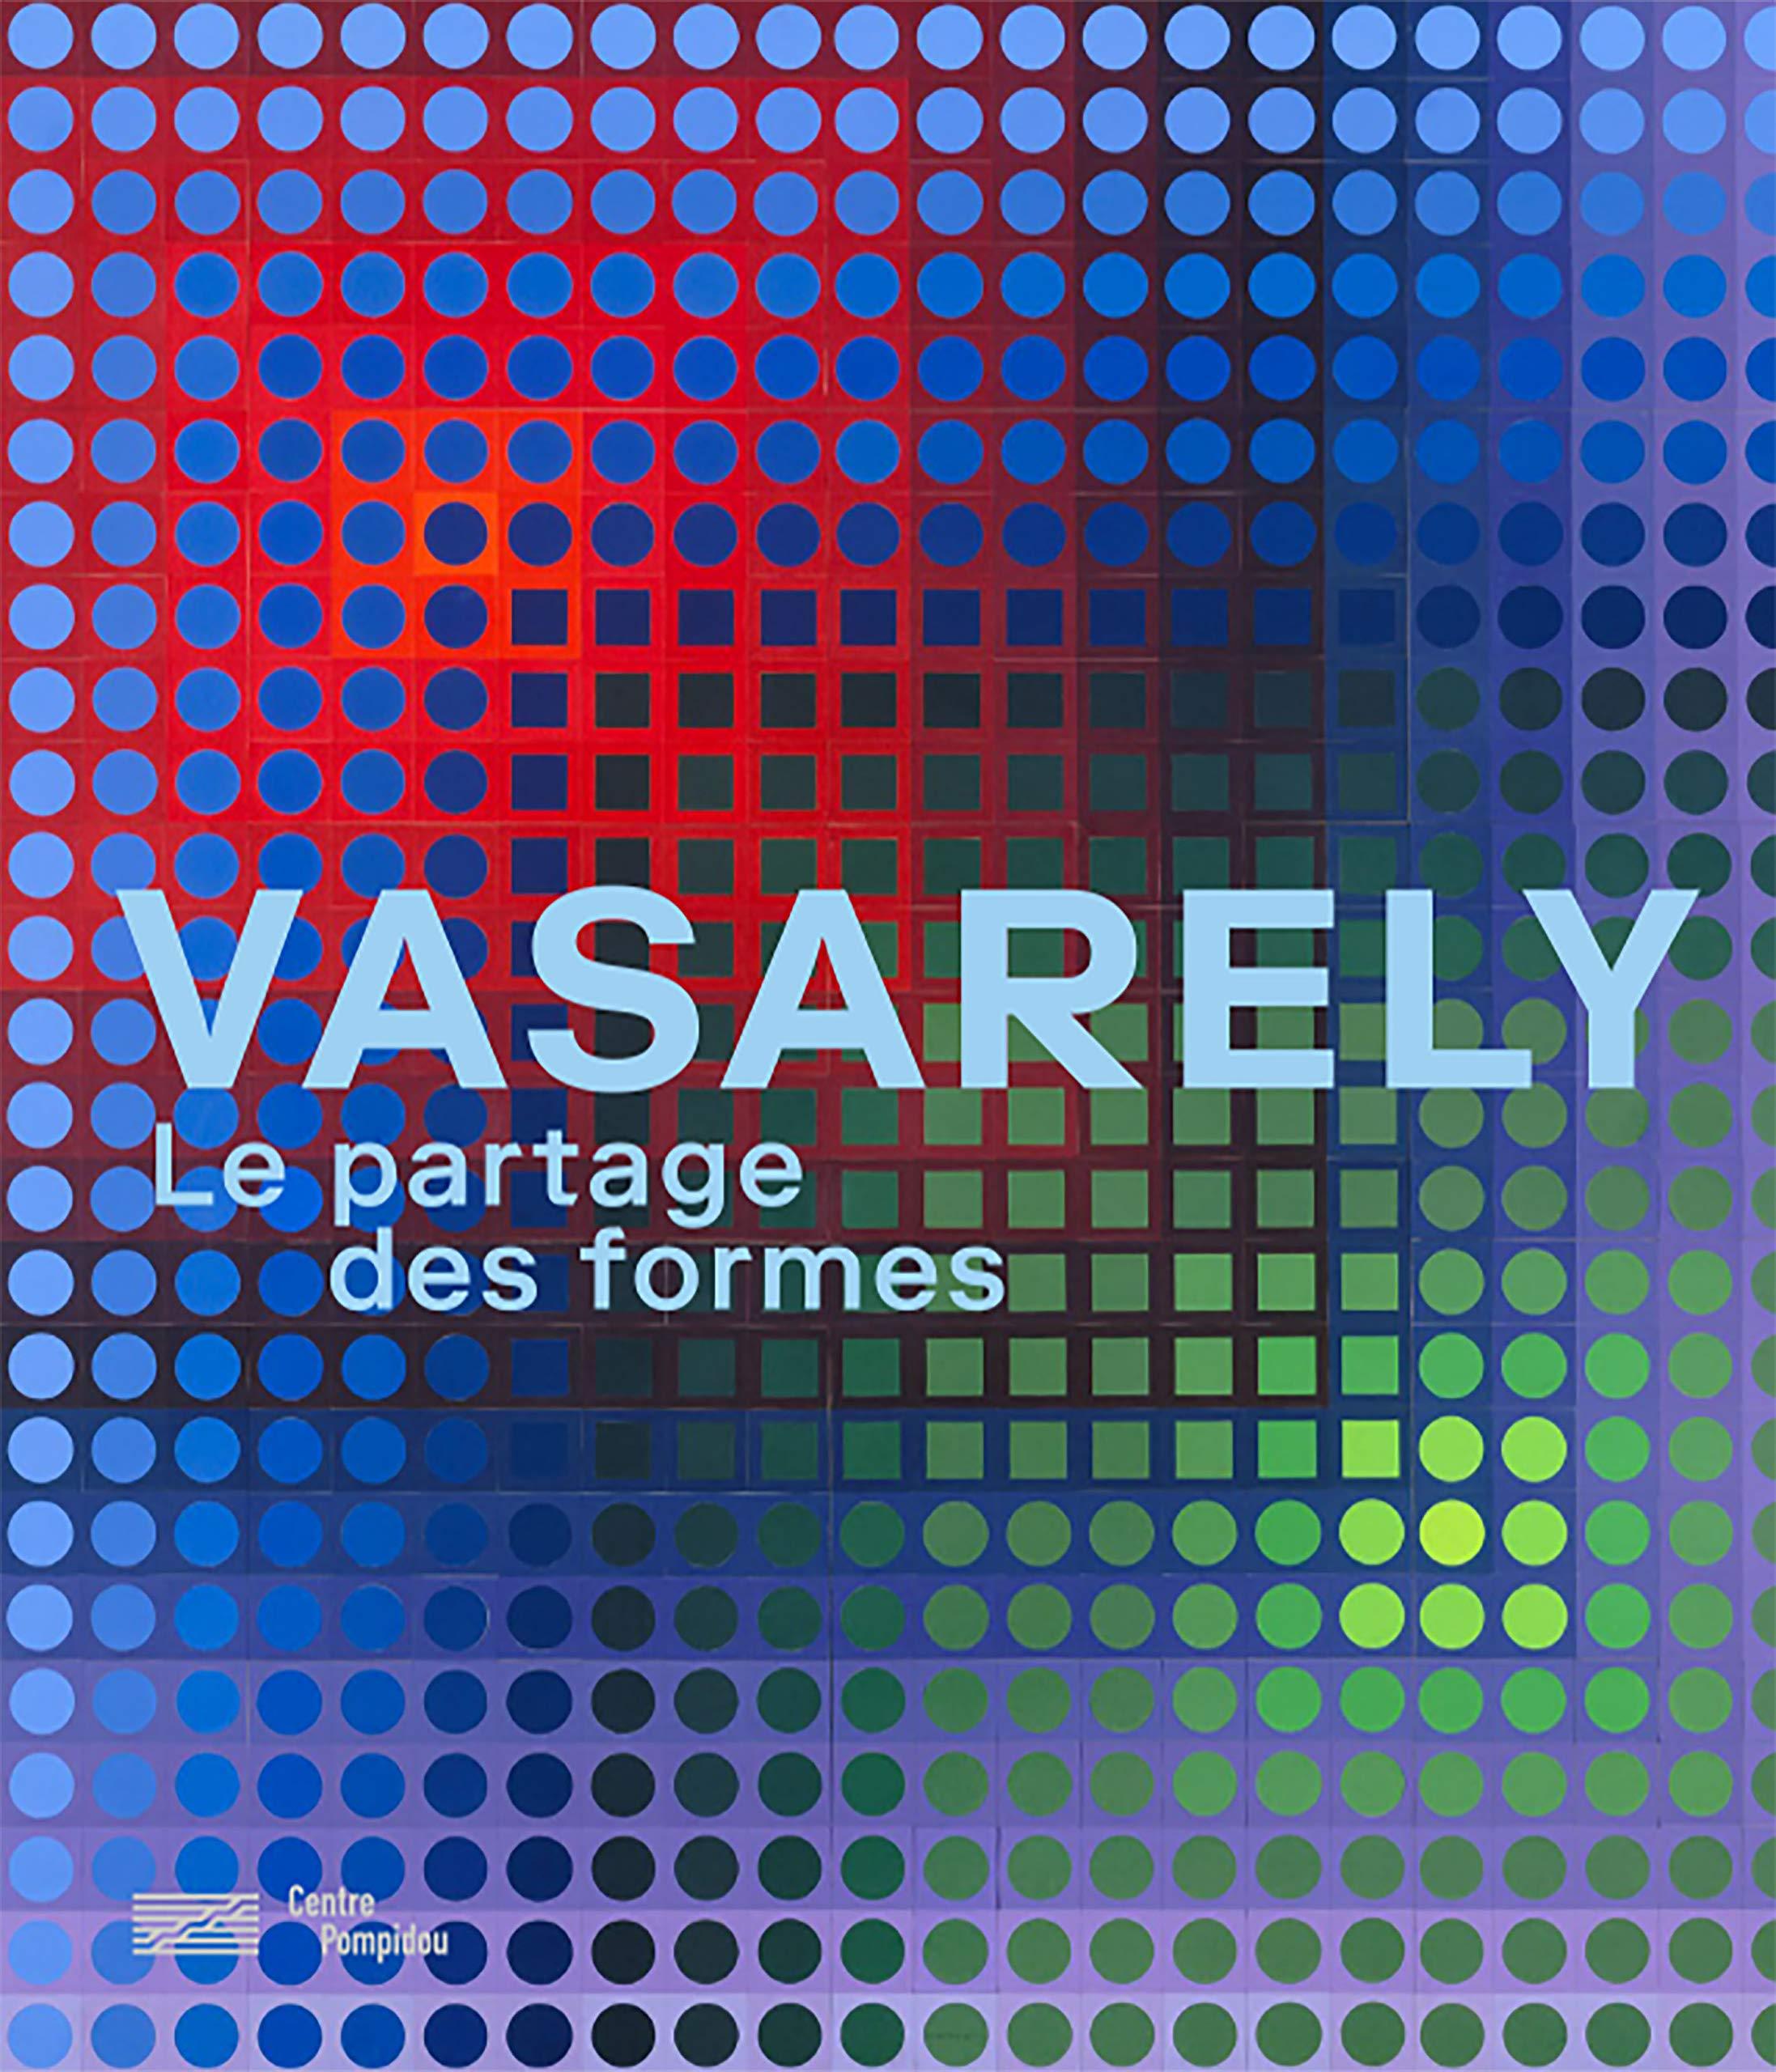 Vasarely : Le partage des formes